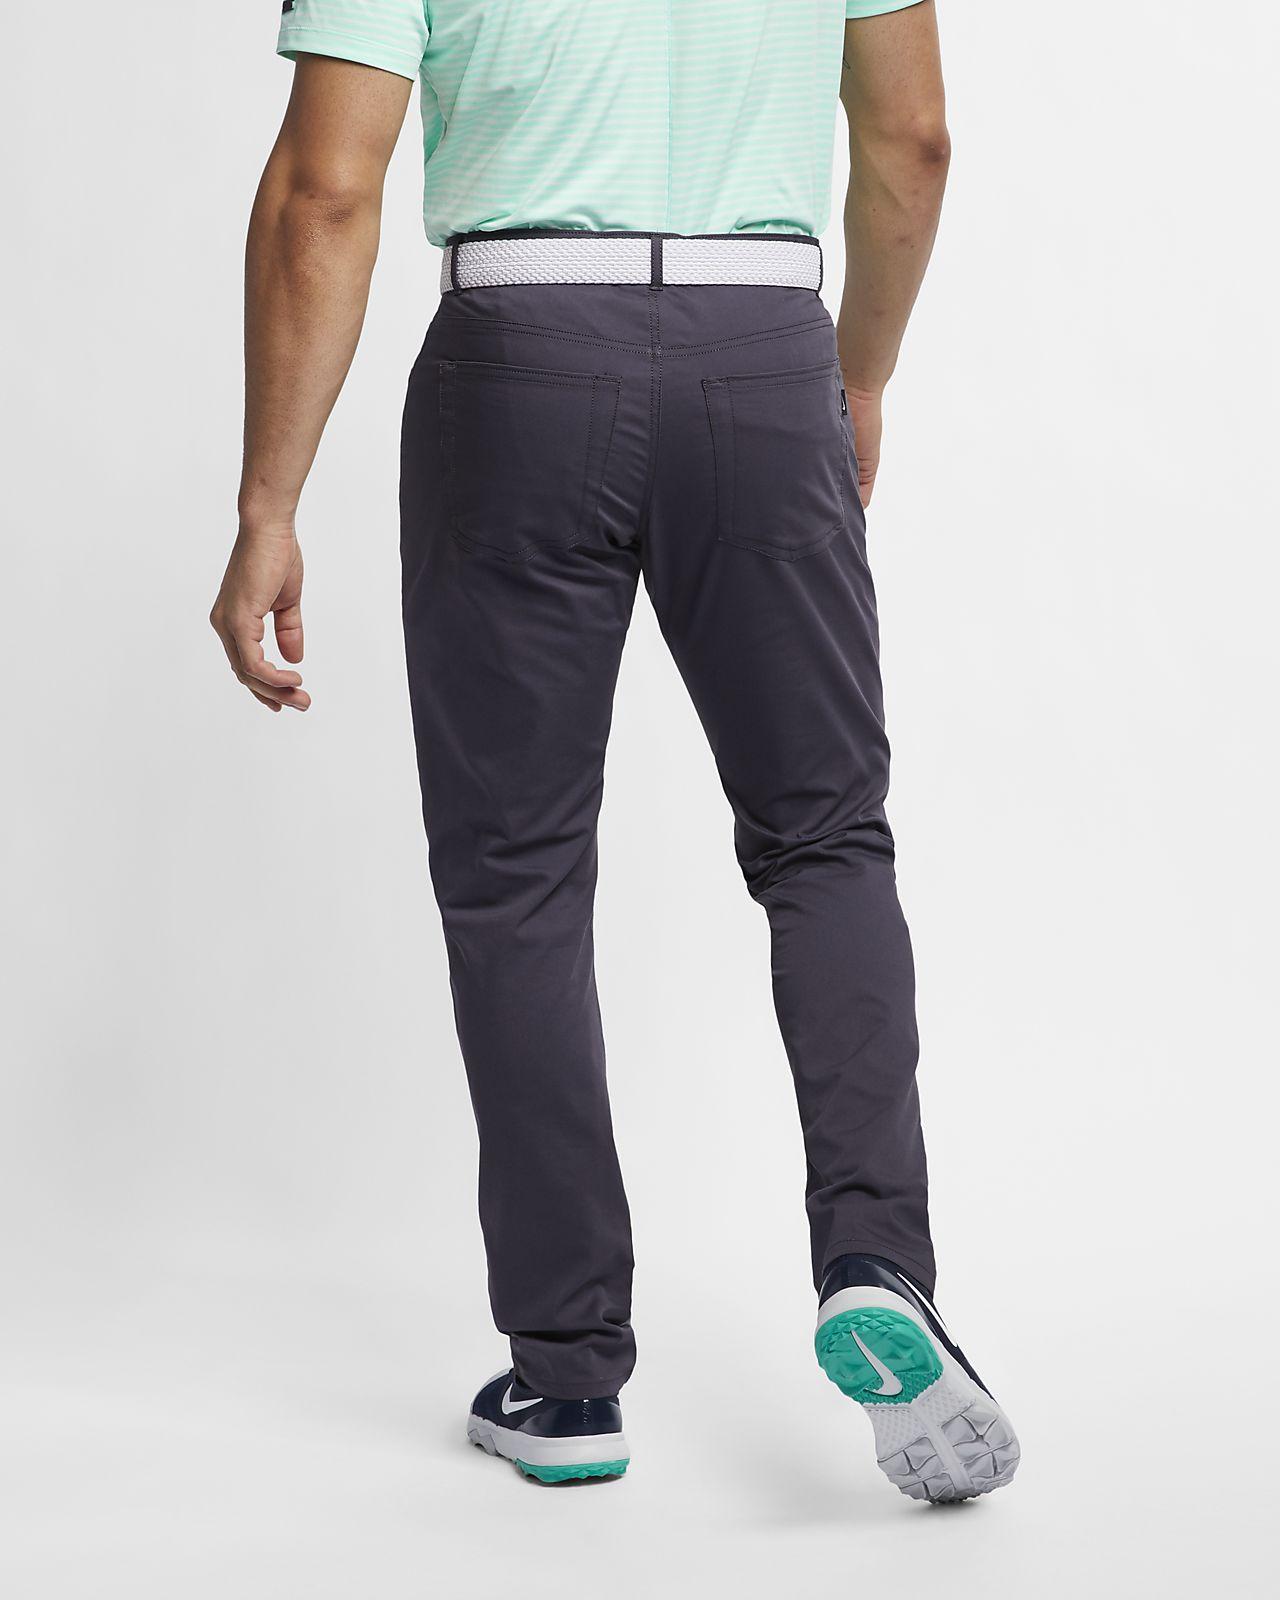 pantalon nike slim